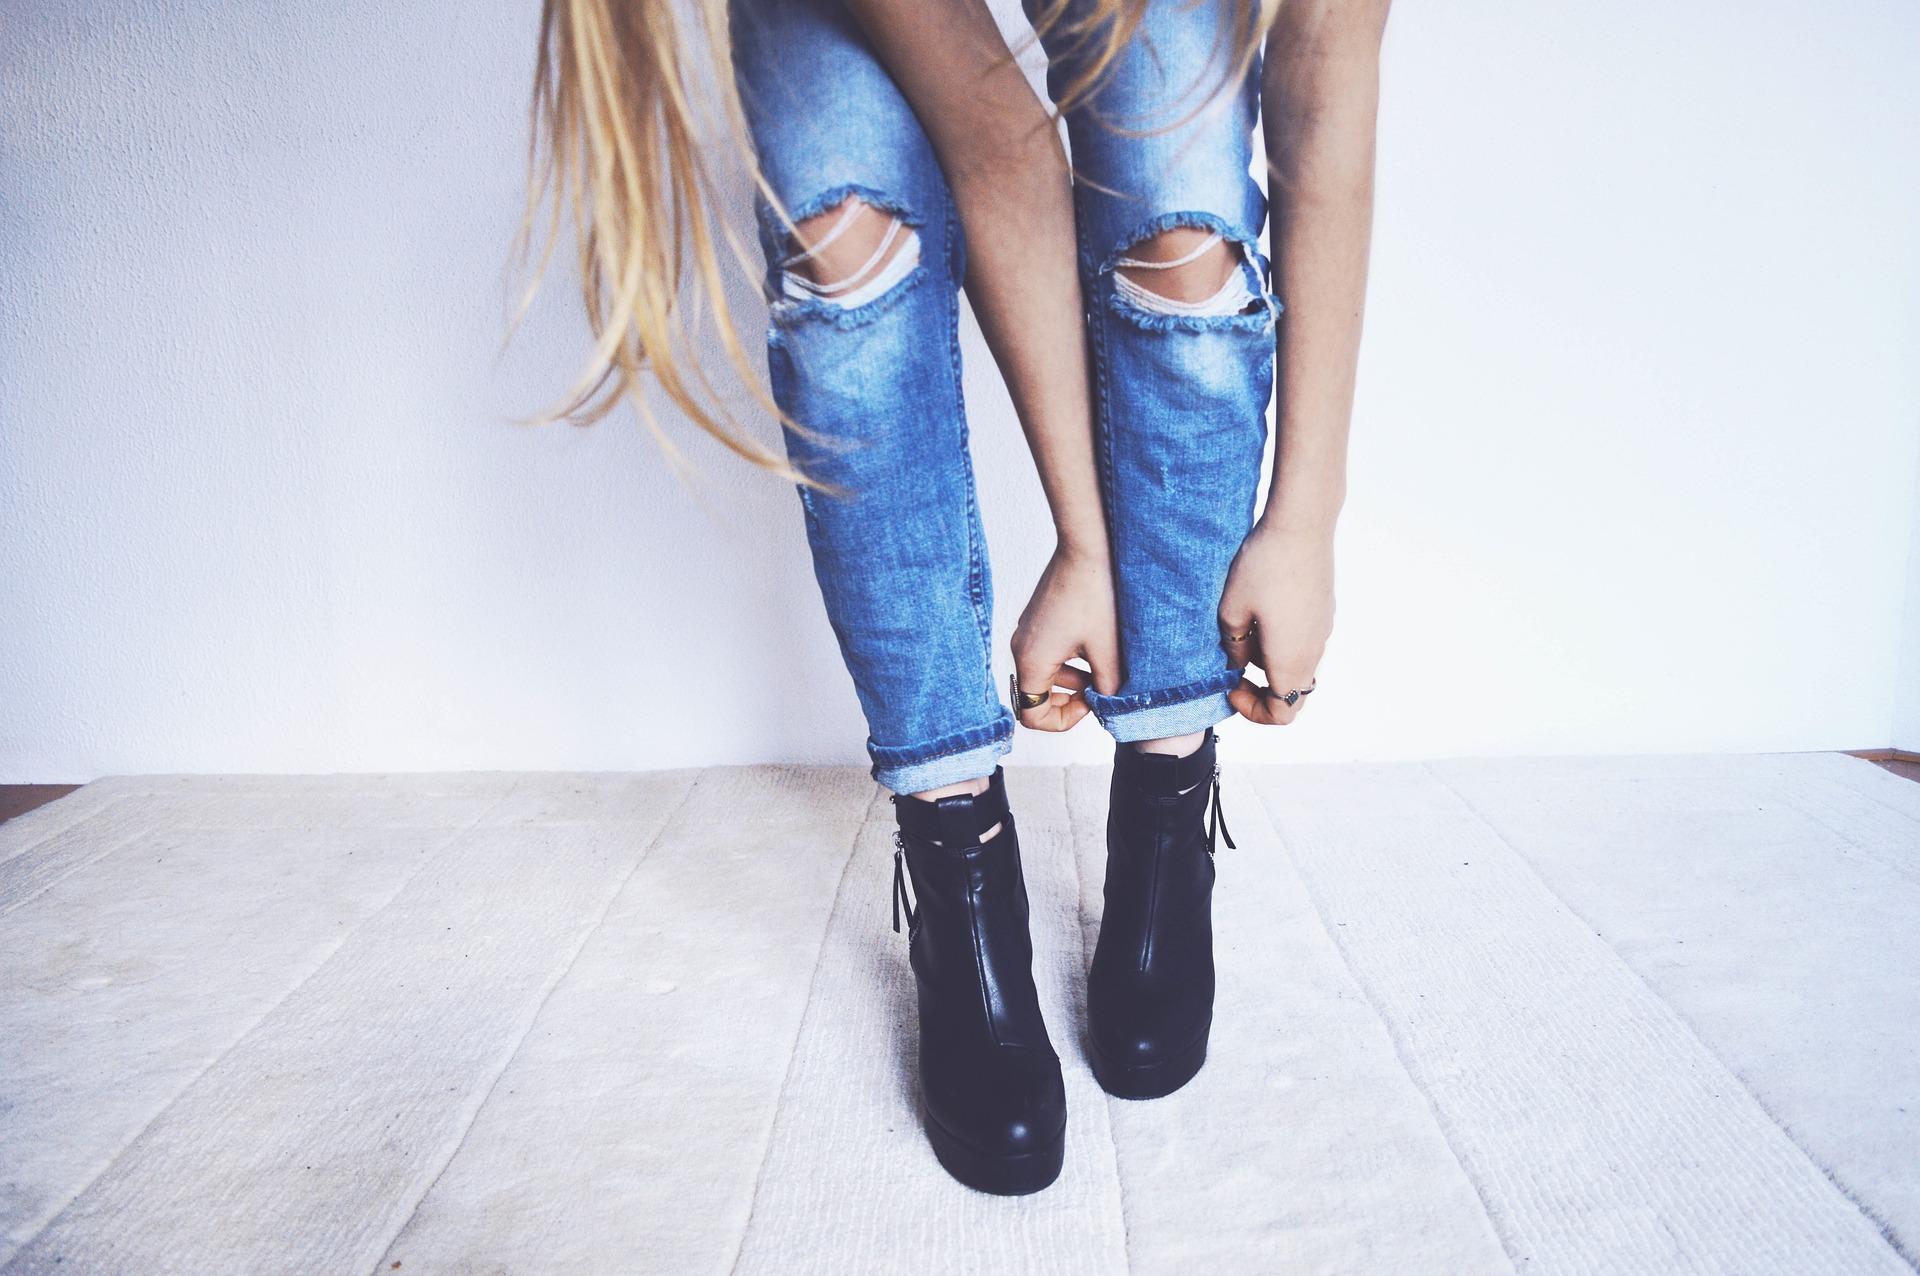 الجينز الممزق يناسب المراهقين وجيل الشباب من الرجال والنساء (pixabay)